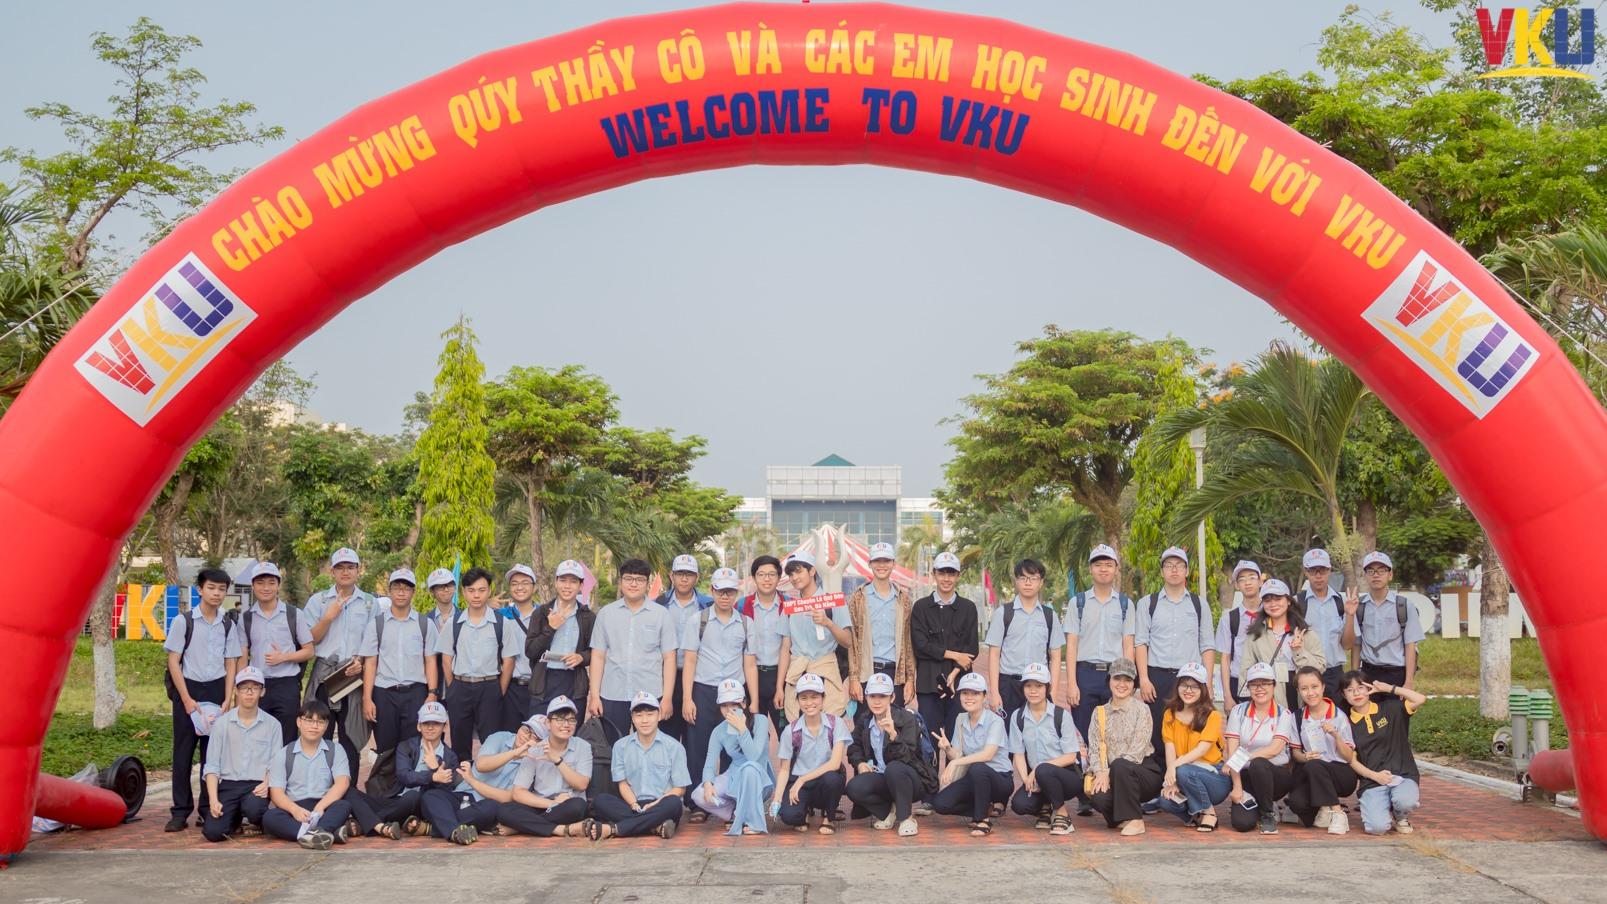 VKU chào đón các bạn học sinh THPT và thí sinh trở thành tân SV của Nhà trường.